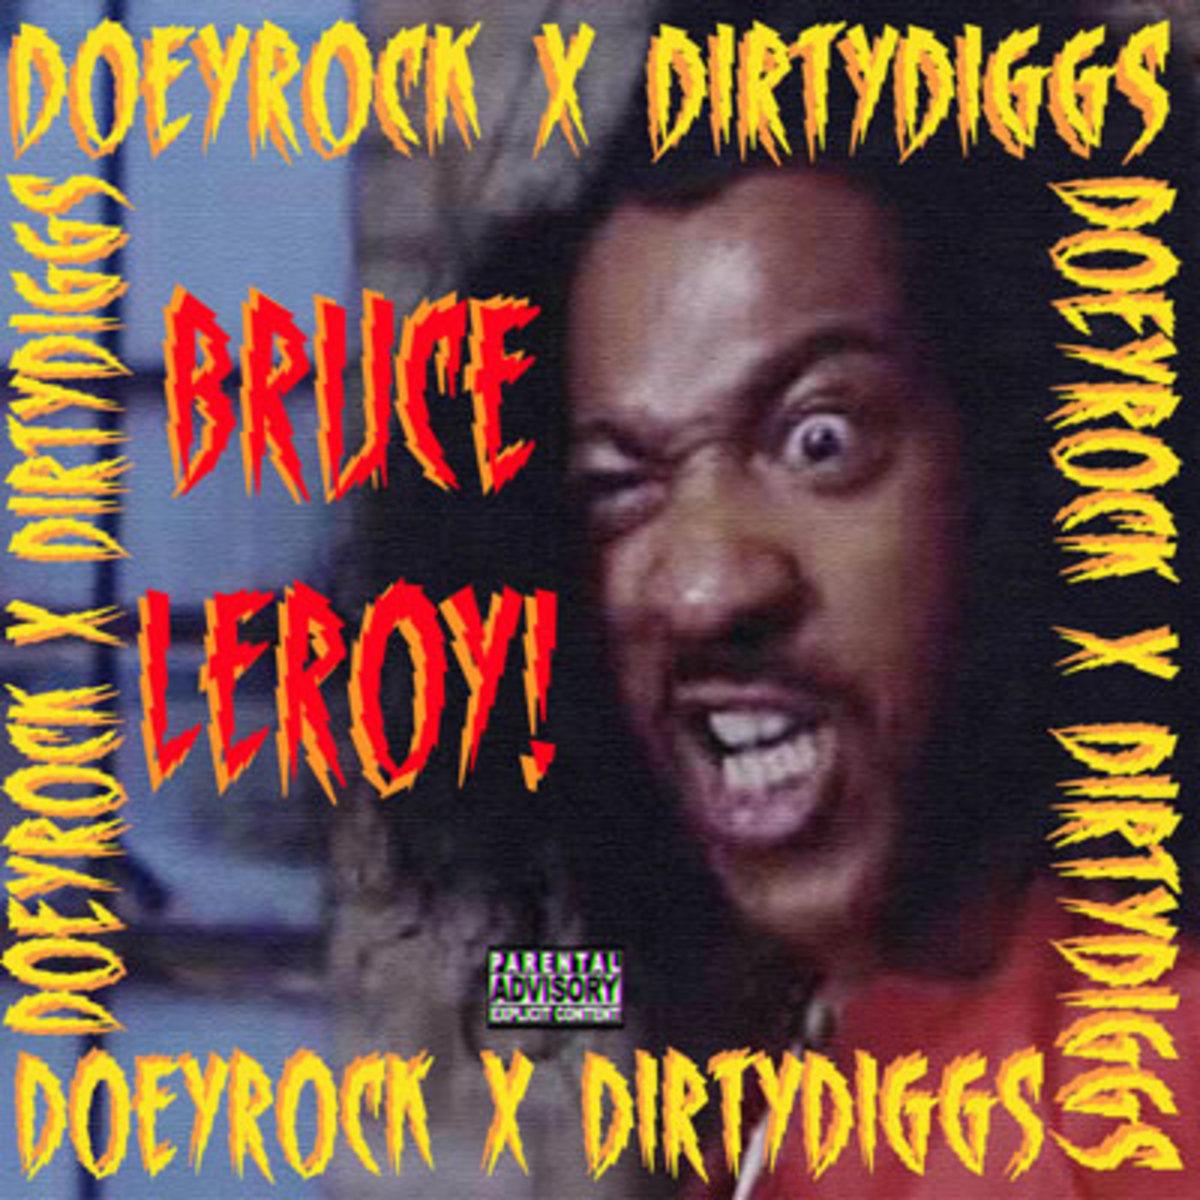 doeyrock-bruceleroy.jpg